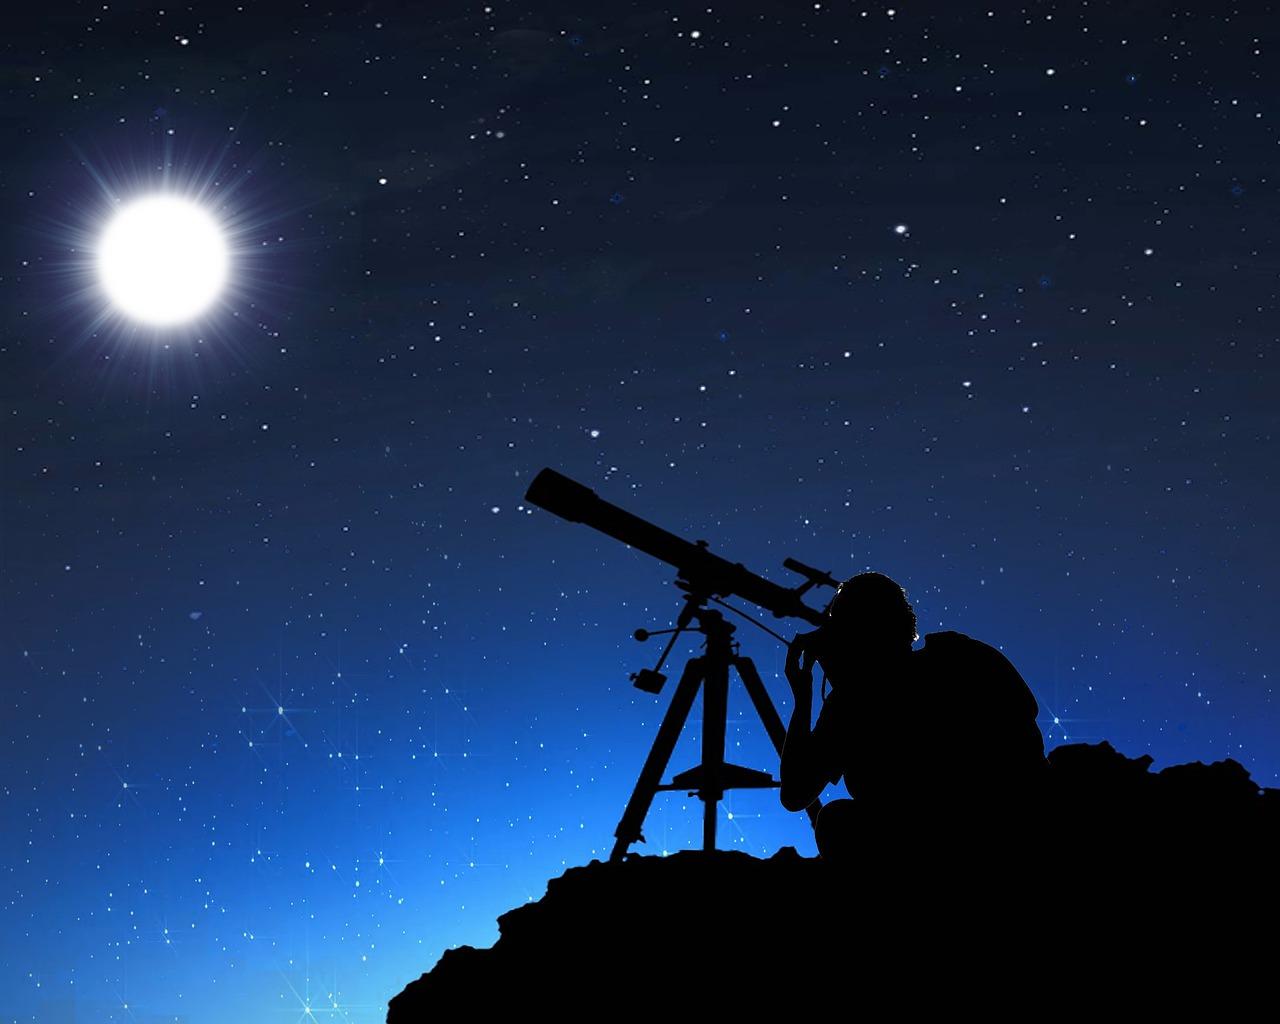 telescope in the night sky_Pixabay